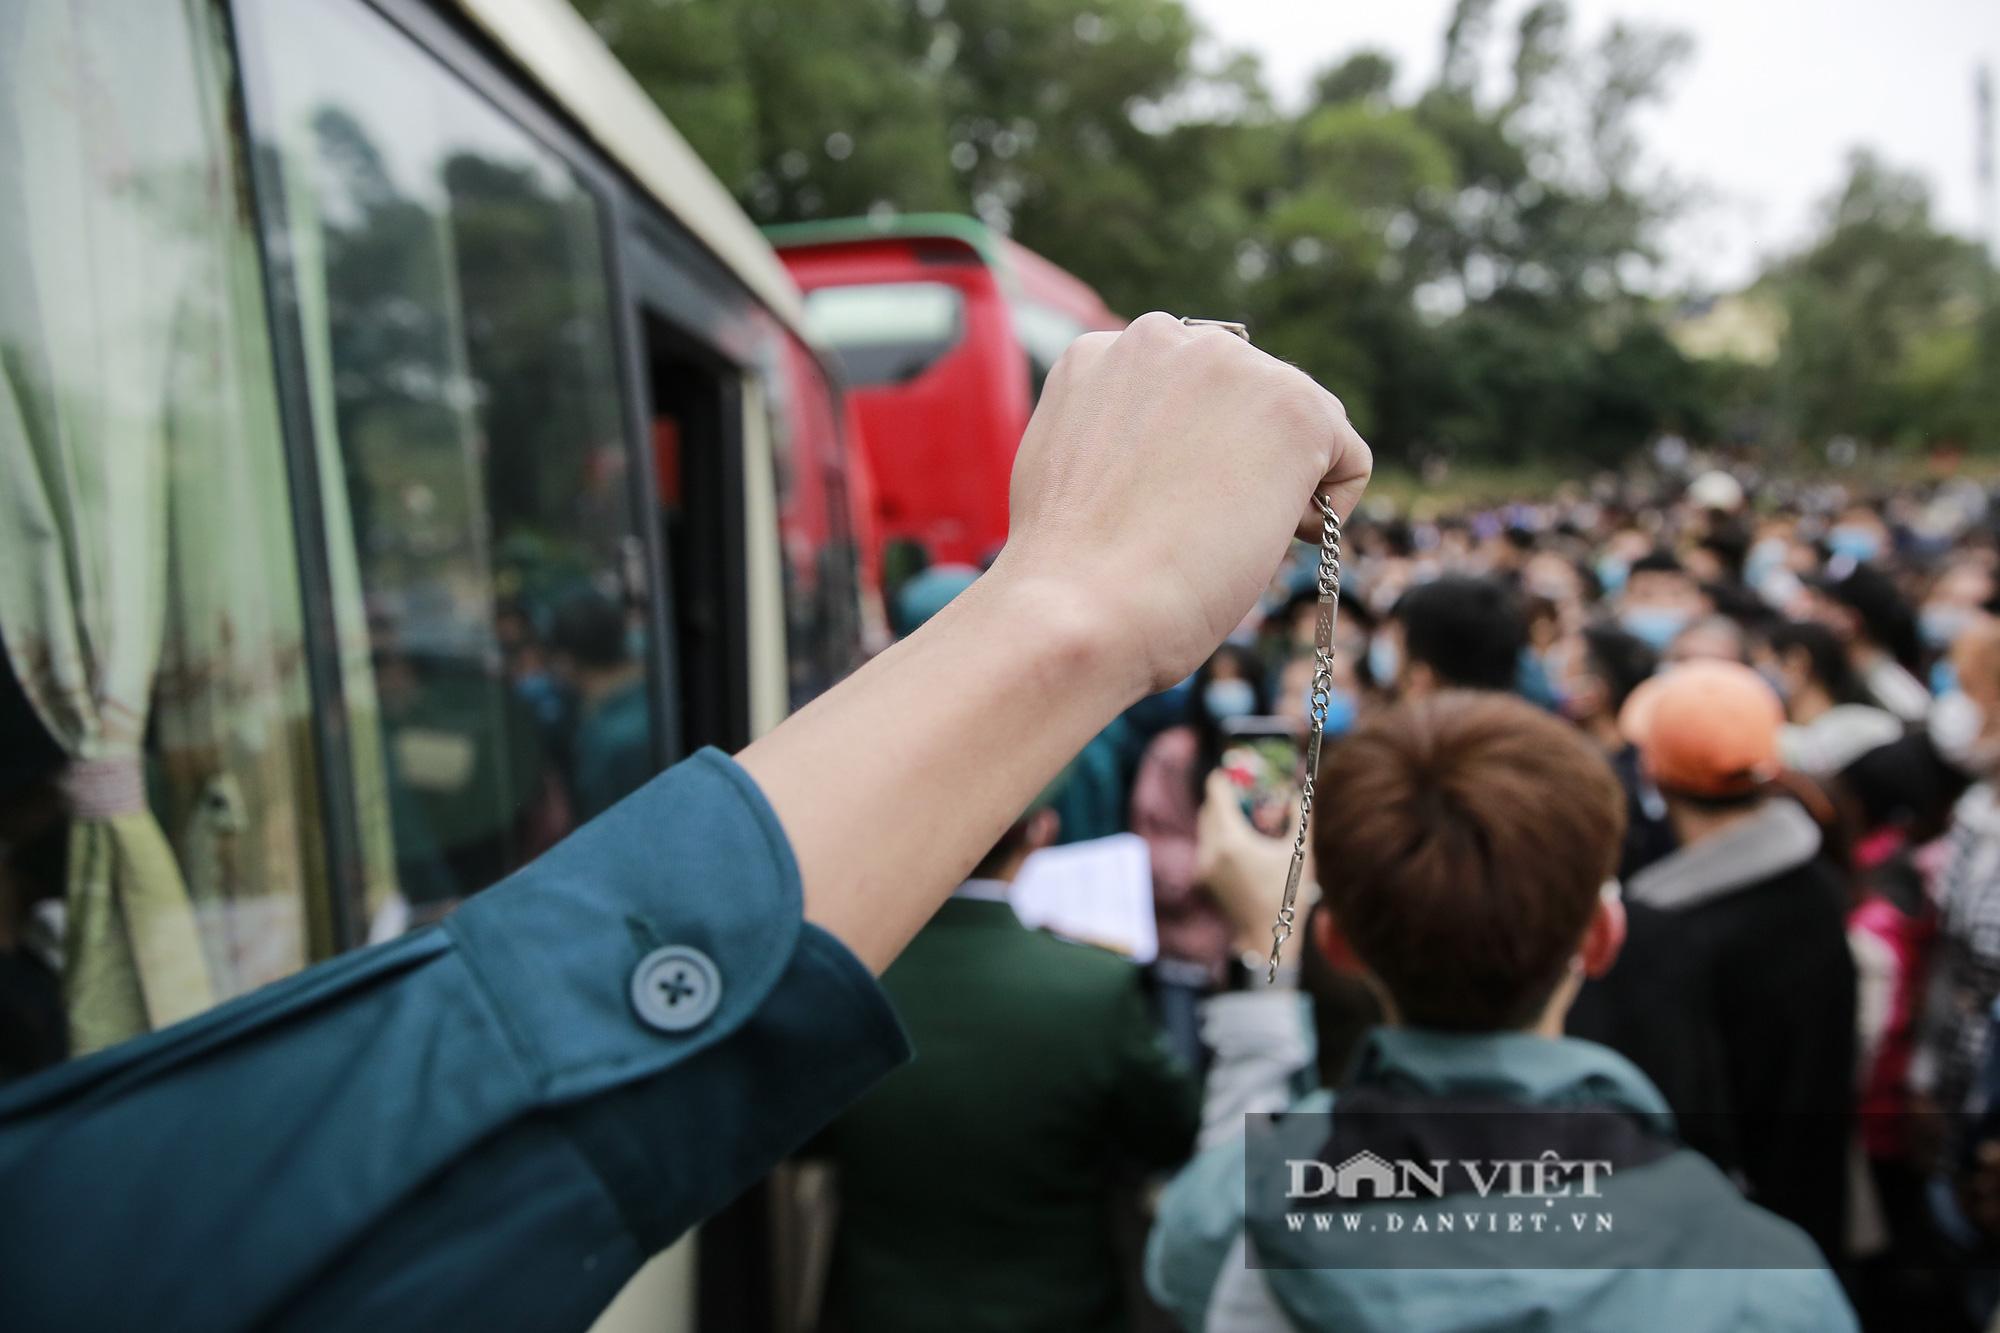 Khoảnh khắc xúc động ngày thanh niên Hà Nội lên đường thực hiện nghĩa vụ quân sự - Ảnh 12.